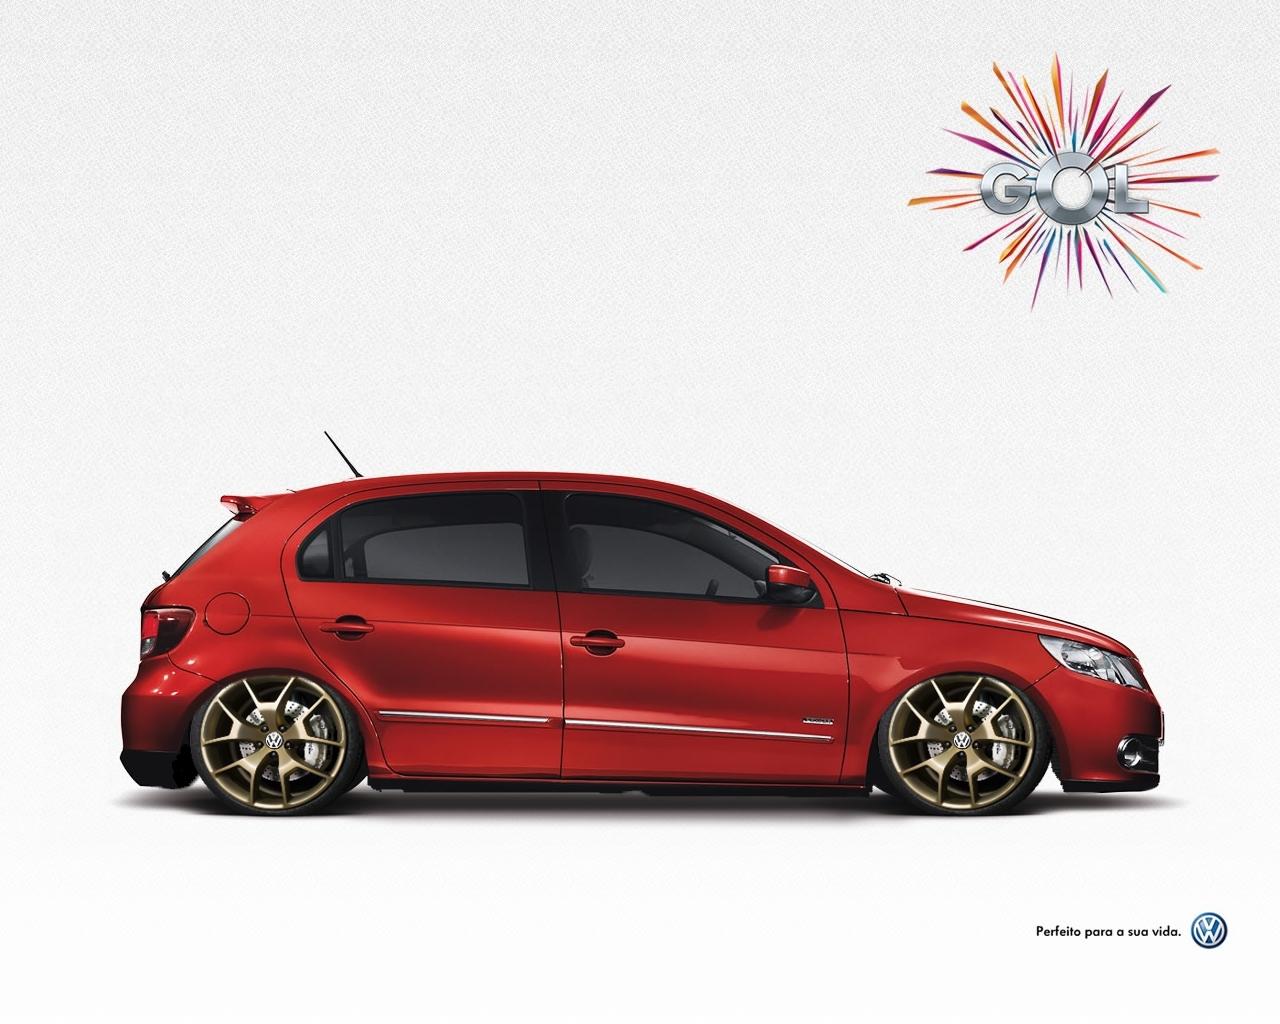 VW - GOL